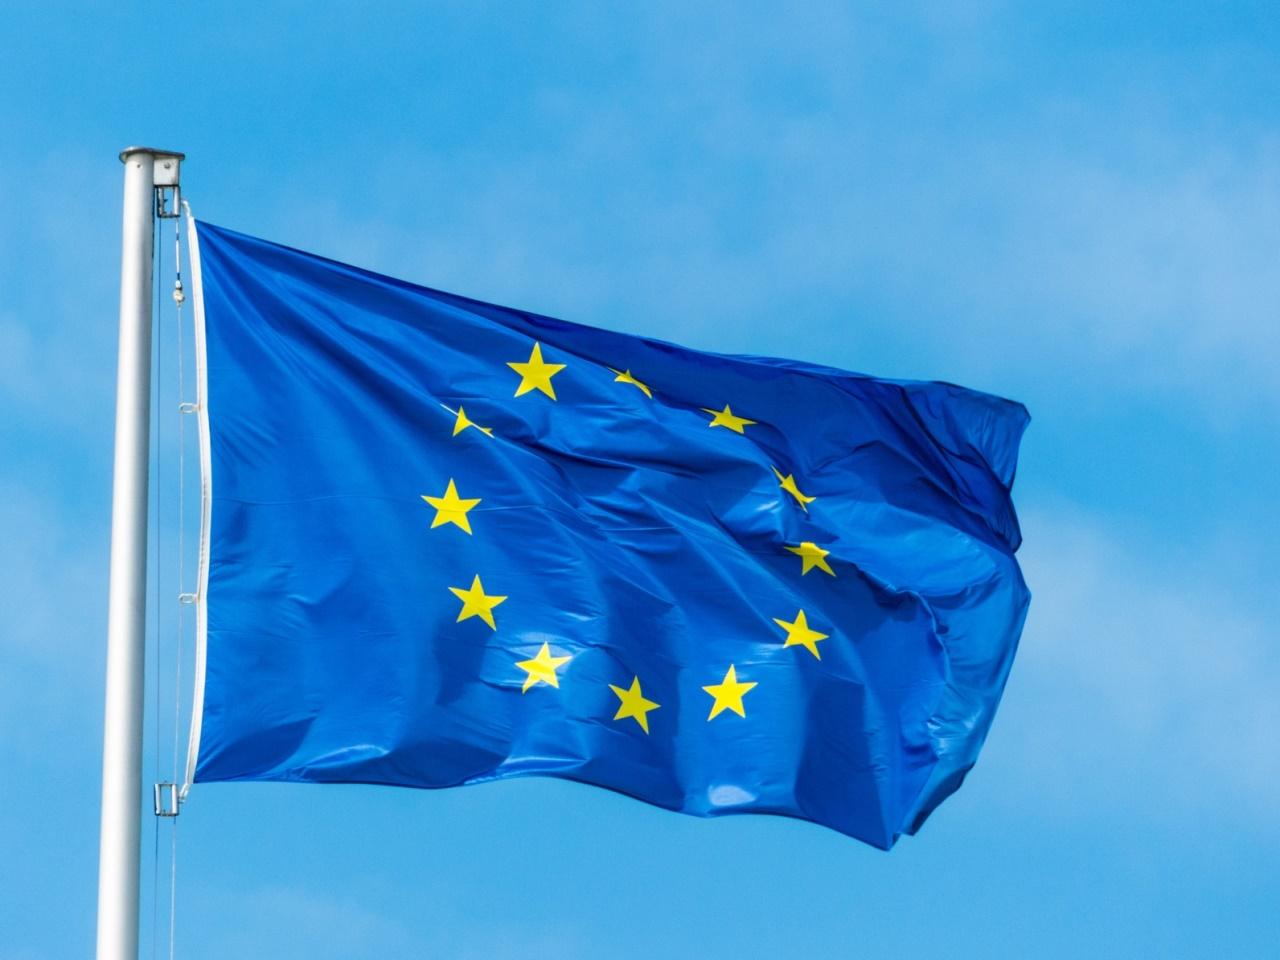 418 Millionen Europäer wählen